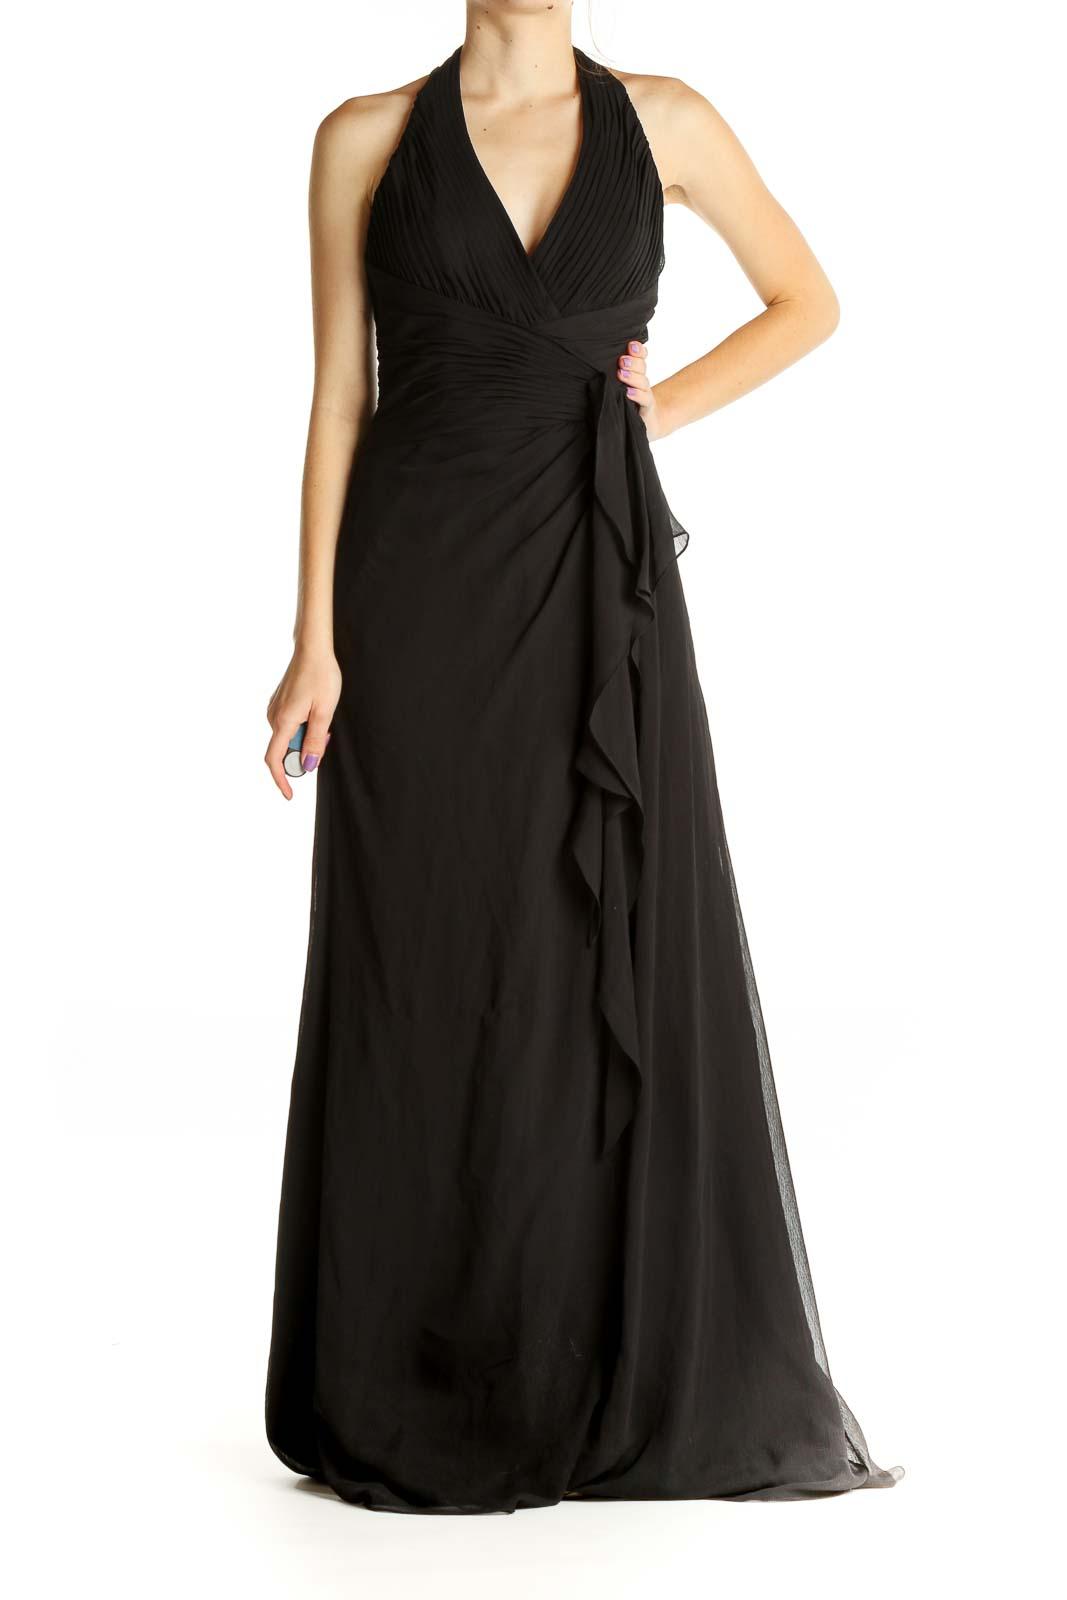 Black Solid Formal Column Dress Front